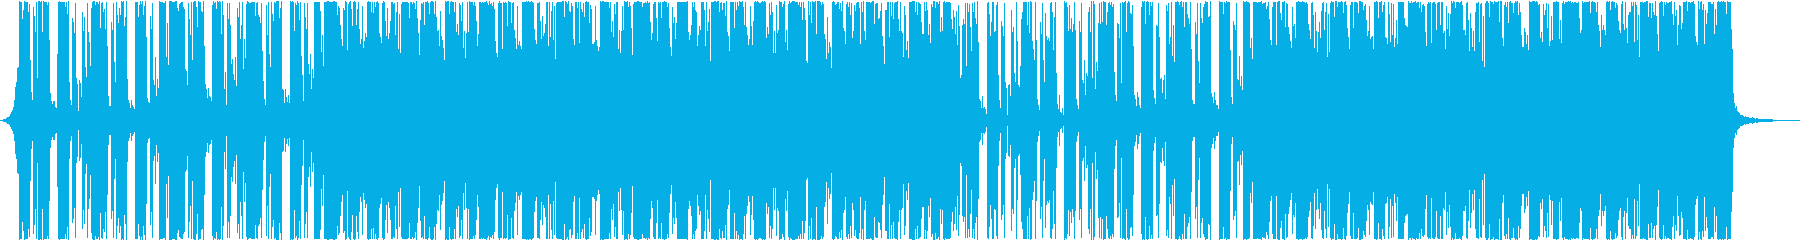 ロック、動機付けの再生済みの波形